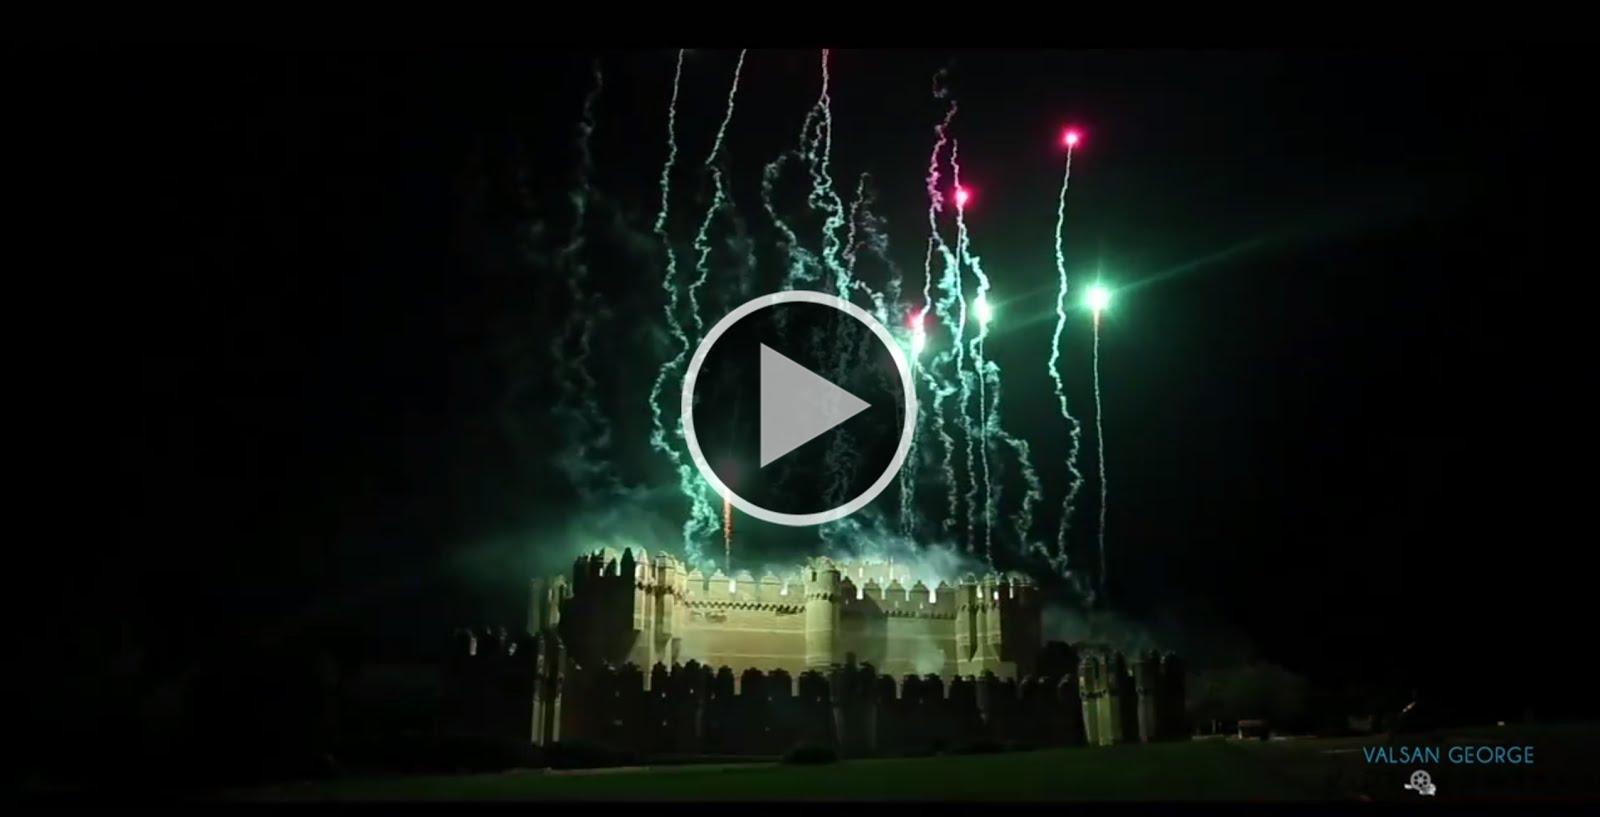 Fuegos de artificio, rayos y... ¡retruécanos!